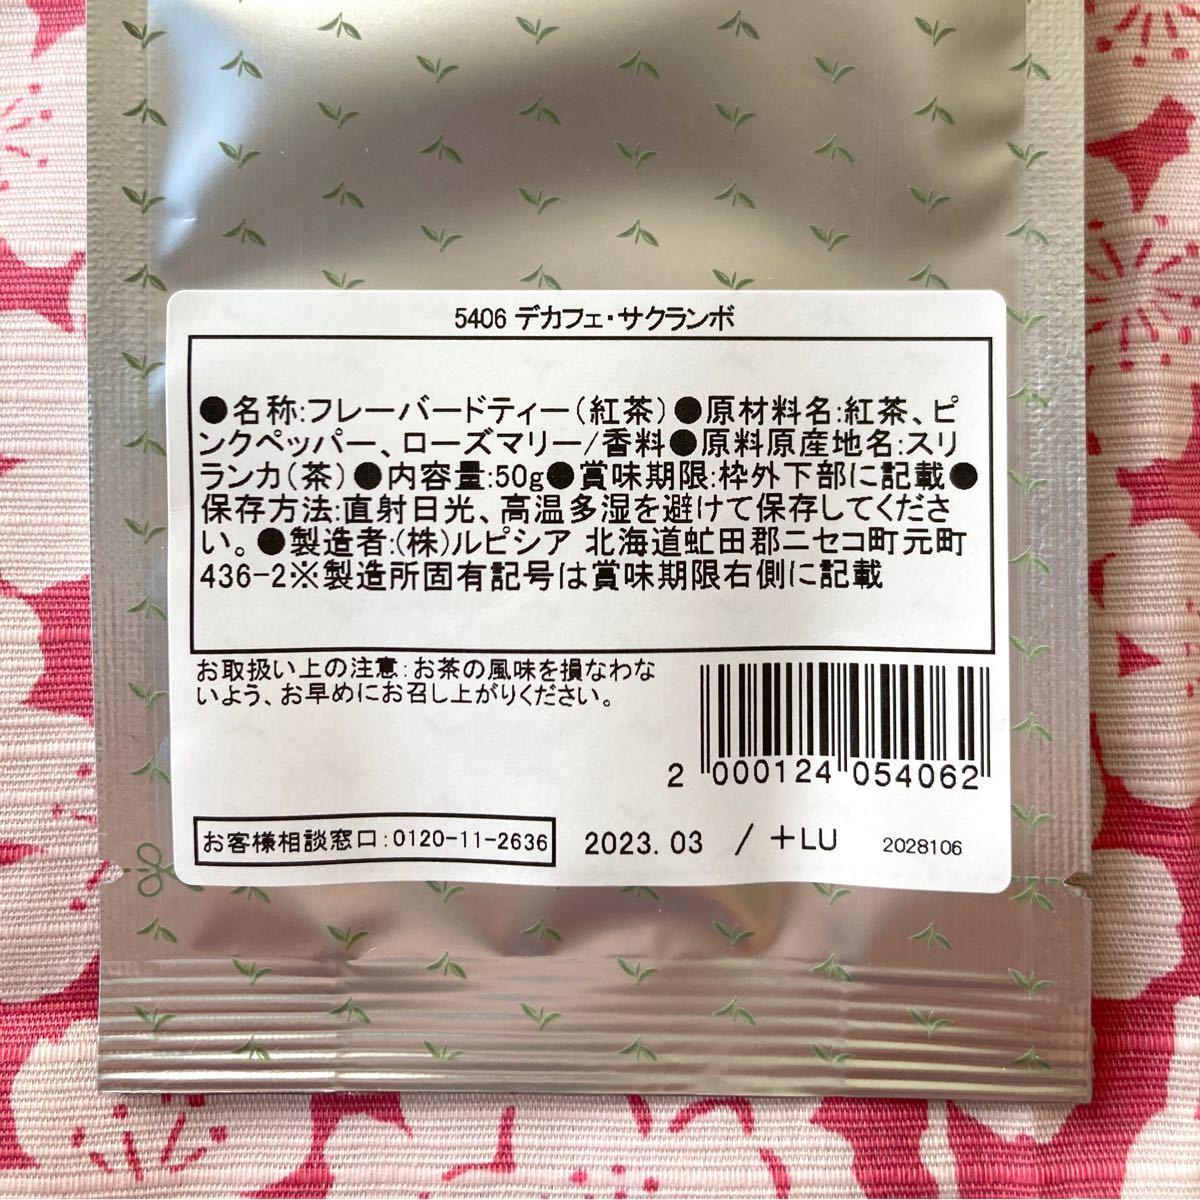 【値下げ】LUPICIA ルピシア ローカフェイン デカフェ紅茶 茶葉 果物の香り 4点セット